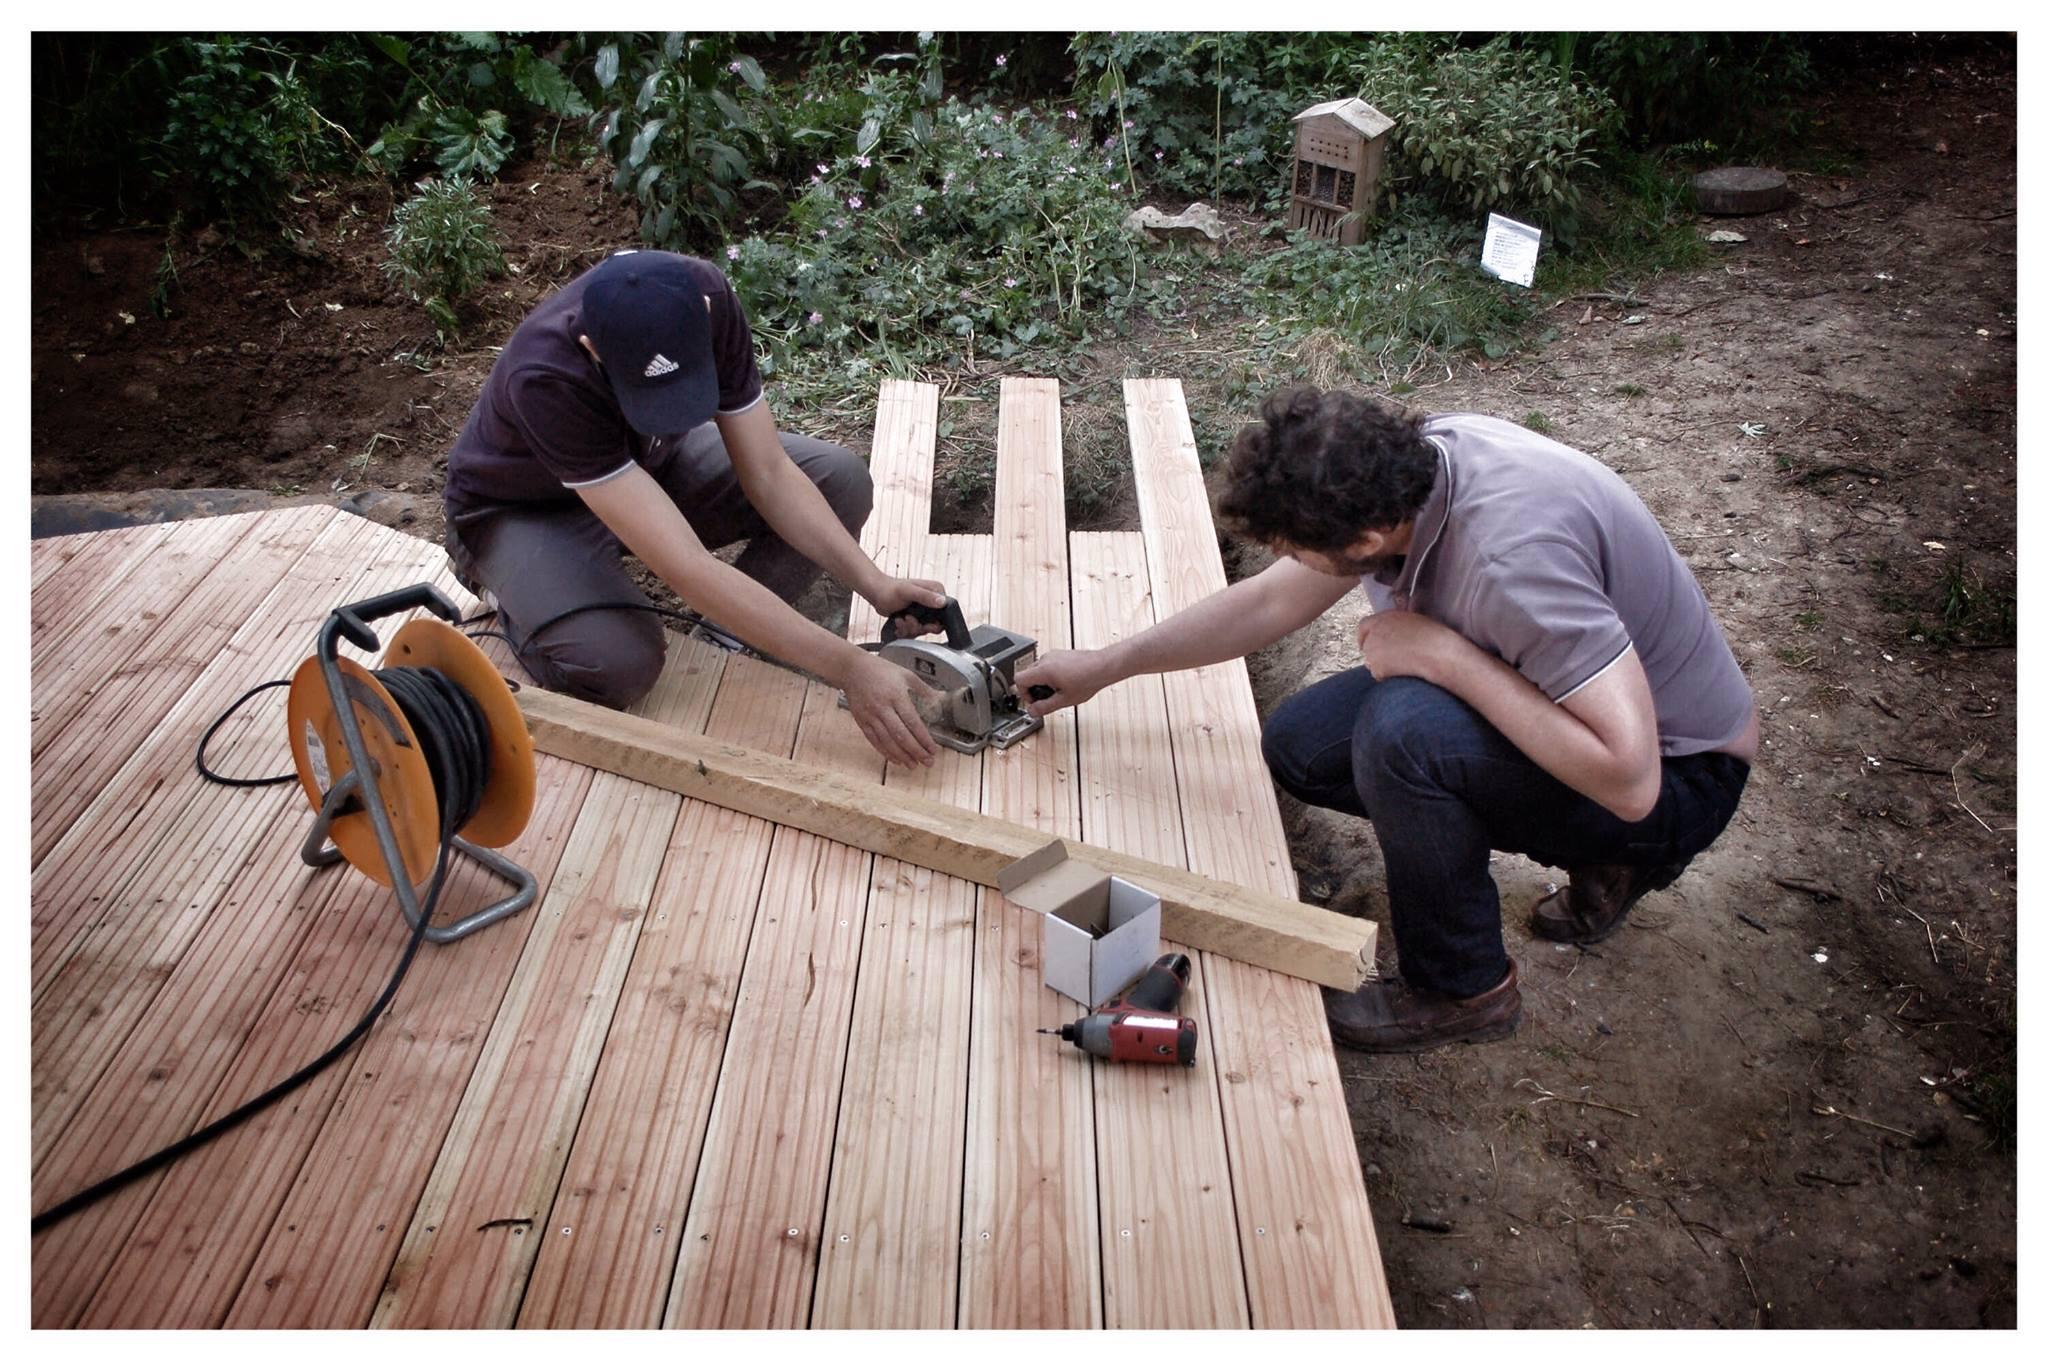 YA+K - yaplusk - Baleine Verte - chantier participatif à Paris 12ème (20)